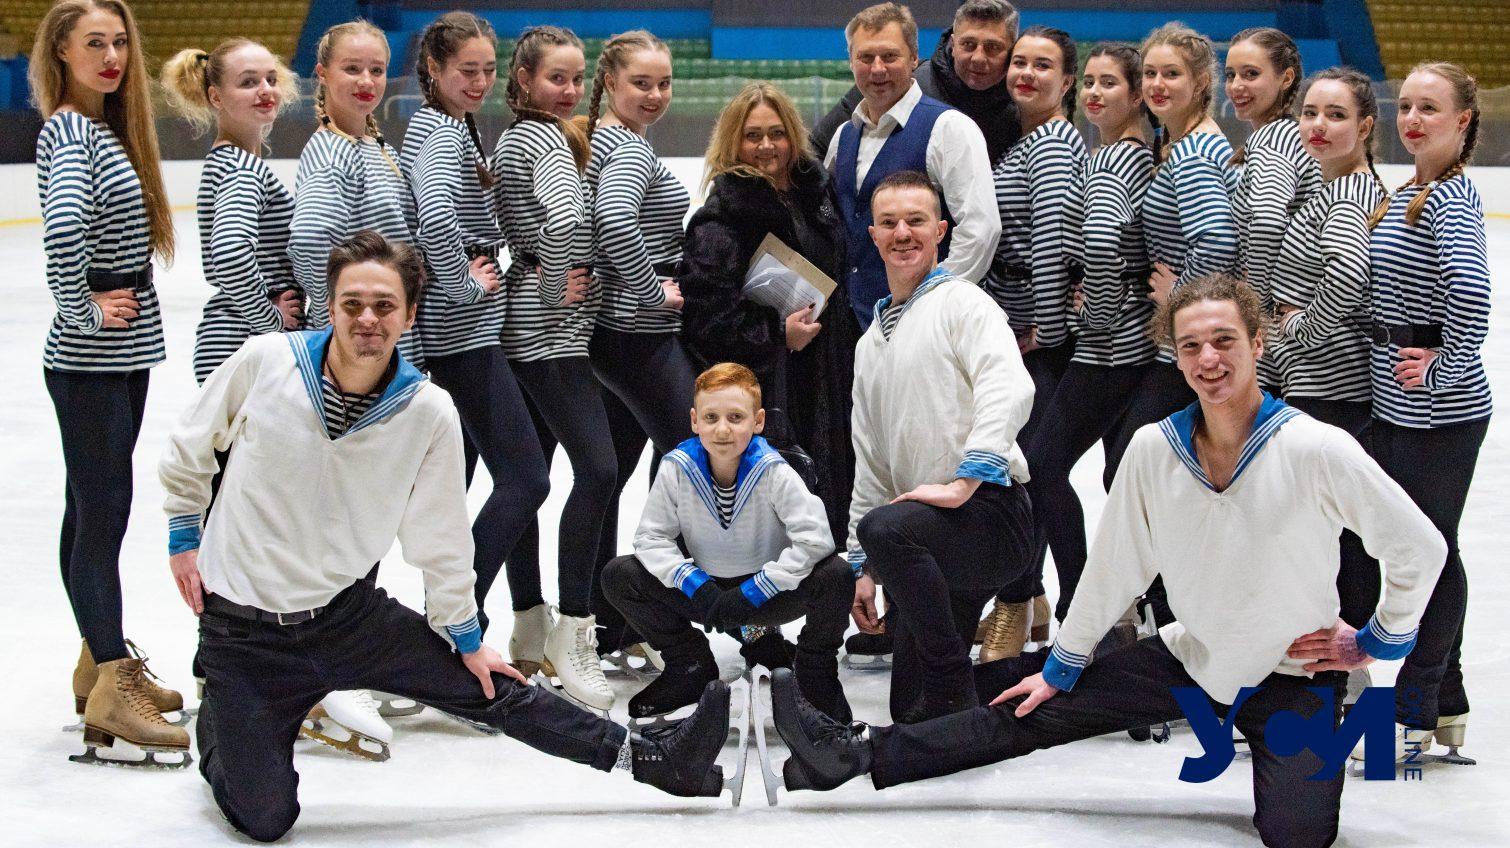 В Одессе начался турнир с участием фигуристов из 10 стран мира (фото) «фото»